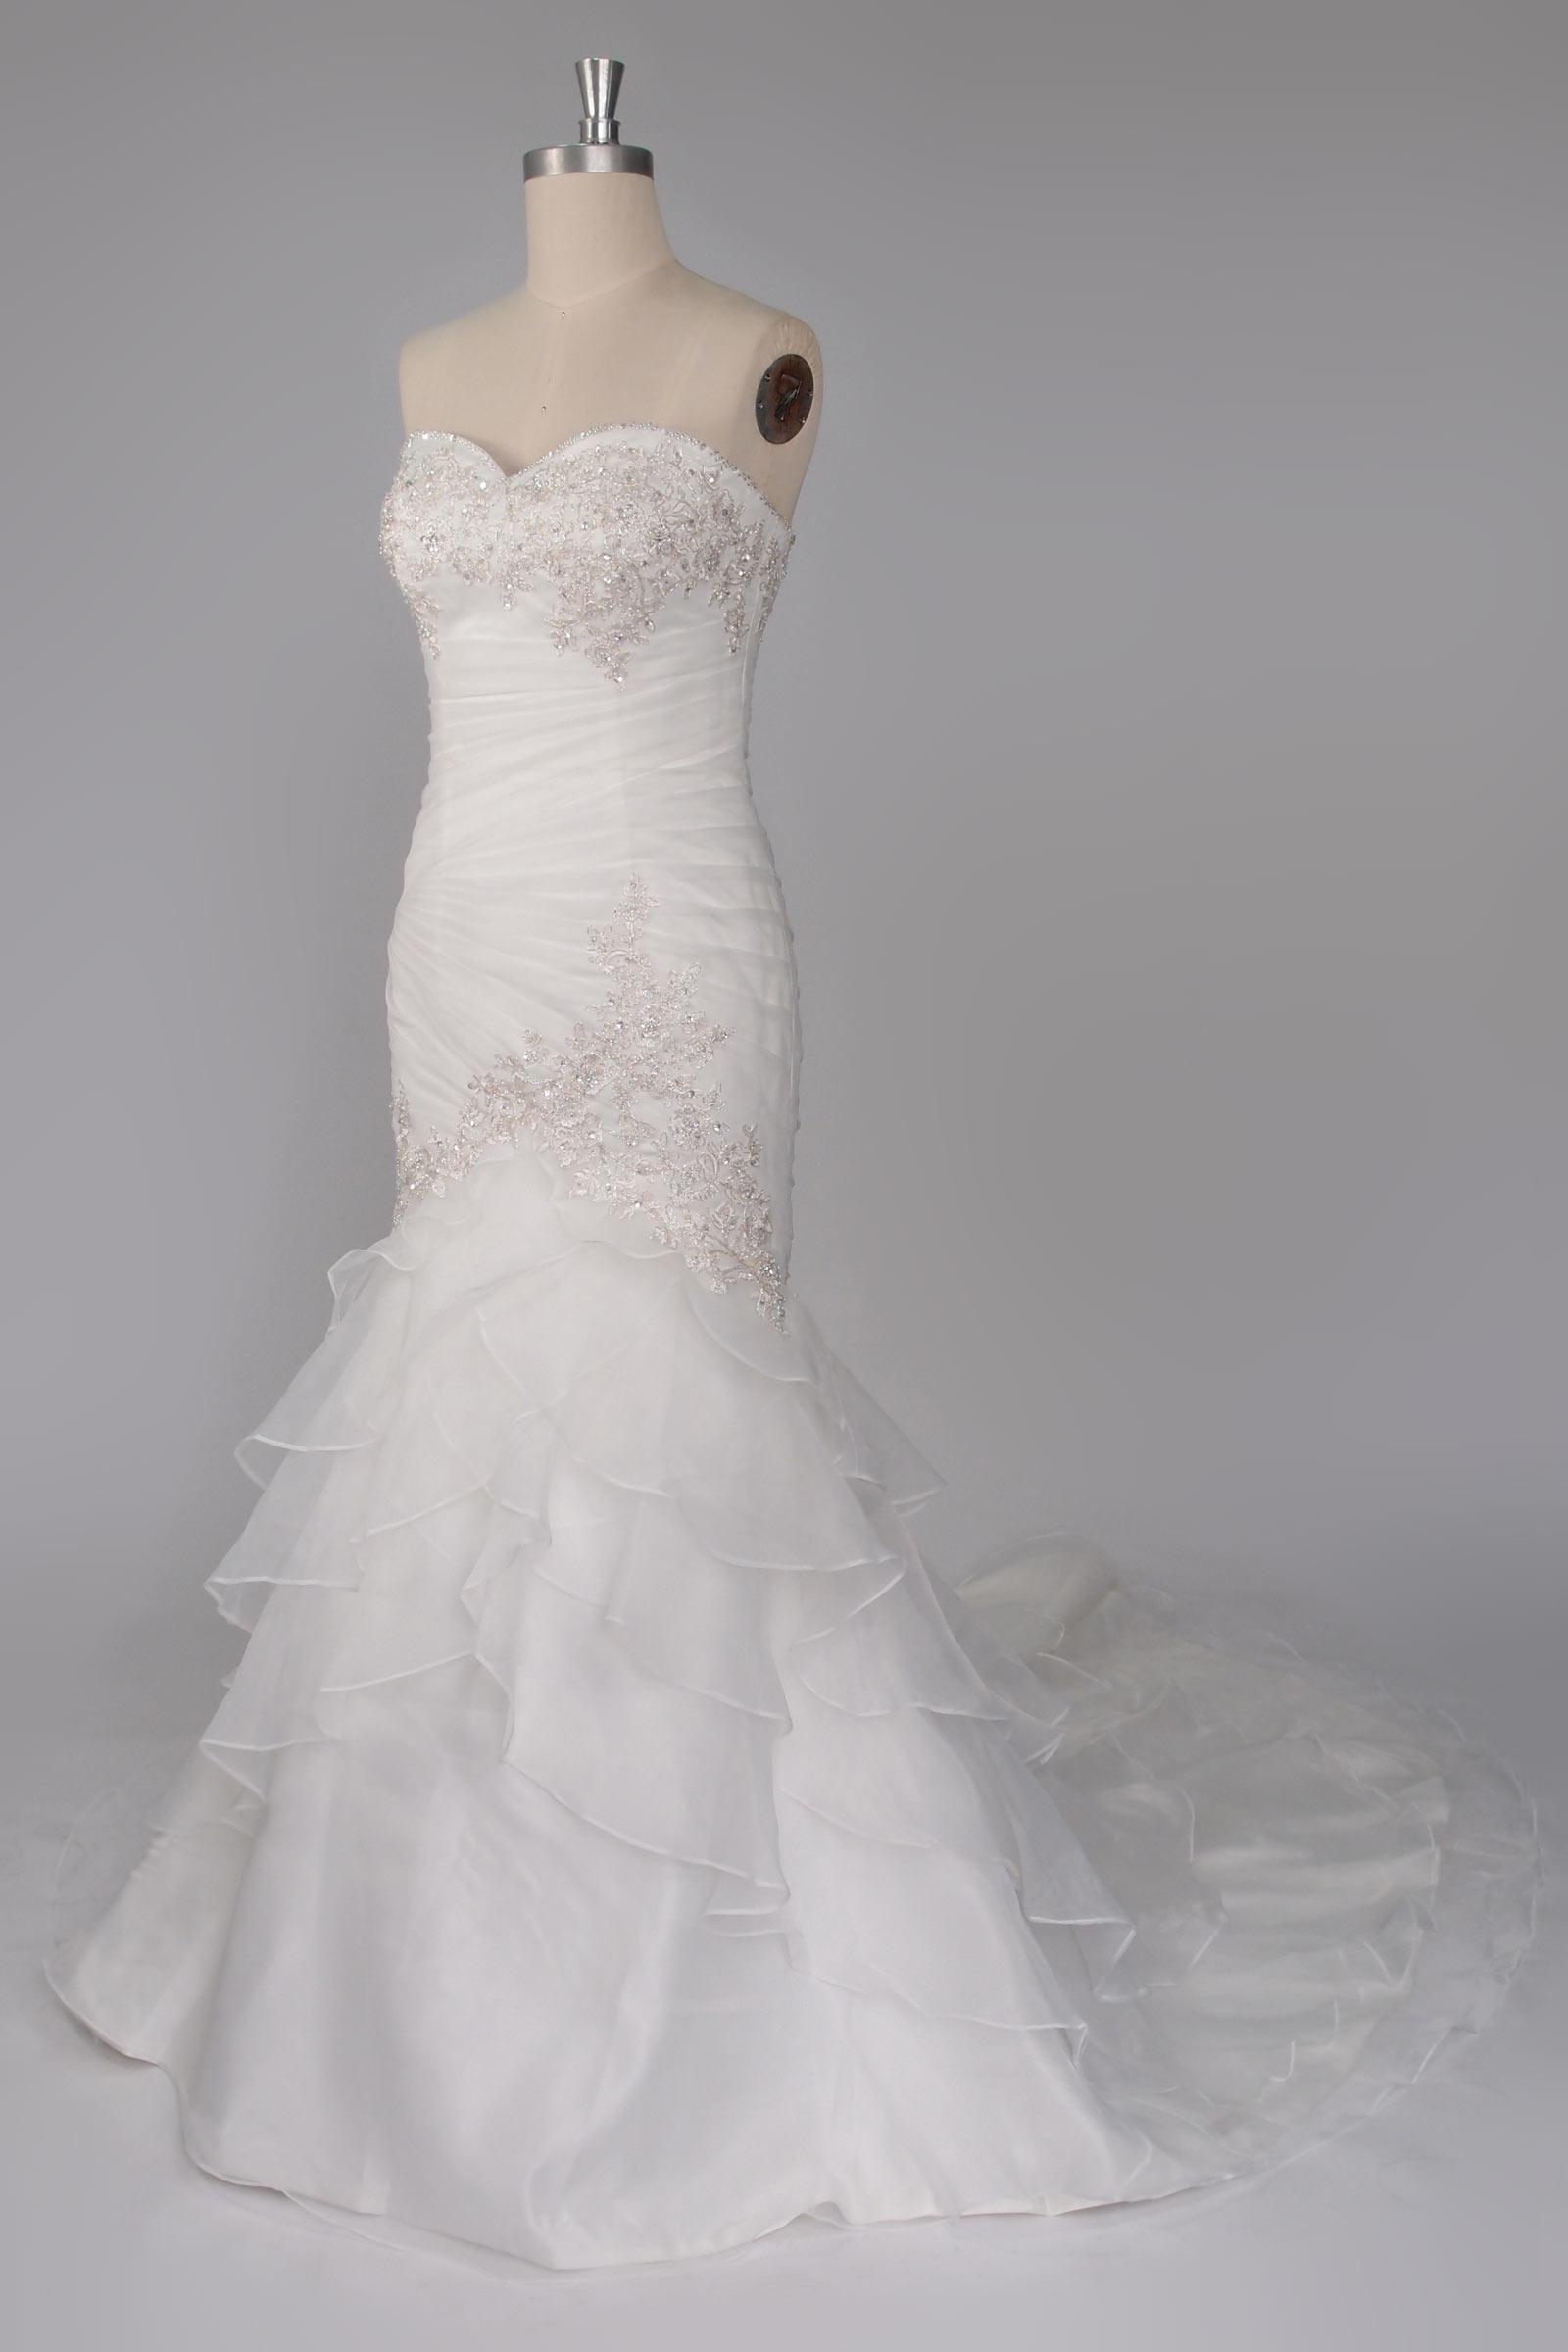 robe de mariée sirène bustier ornée de lacet de fleur exquise et jupe à volant avec traîne chapelle